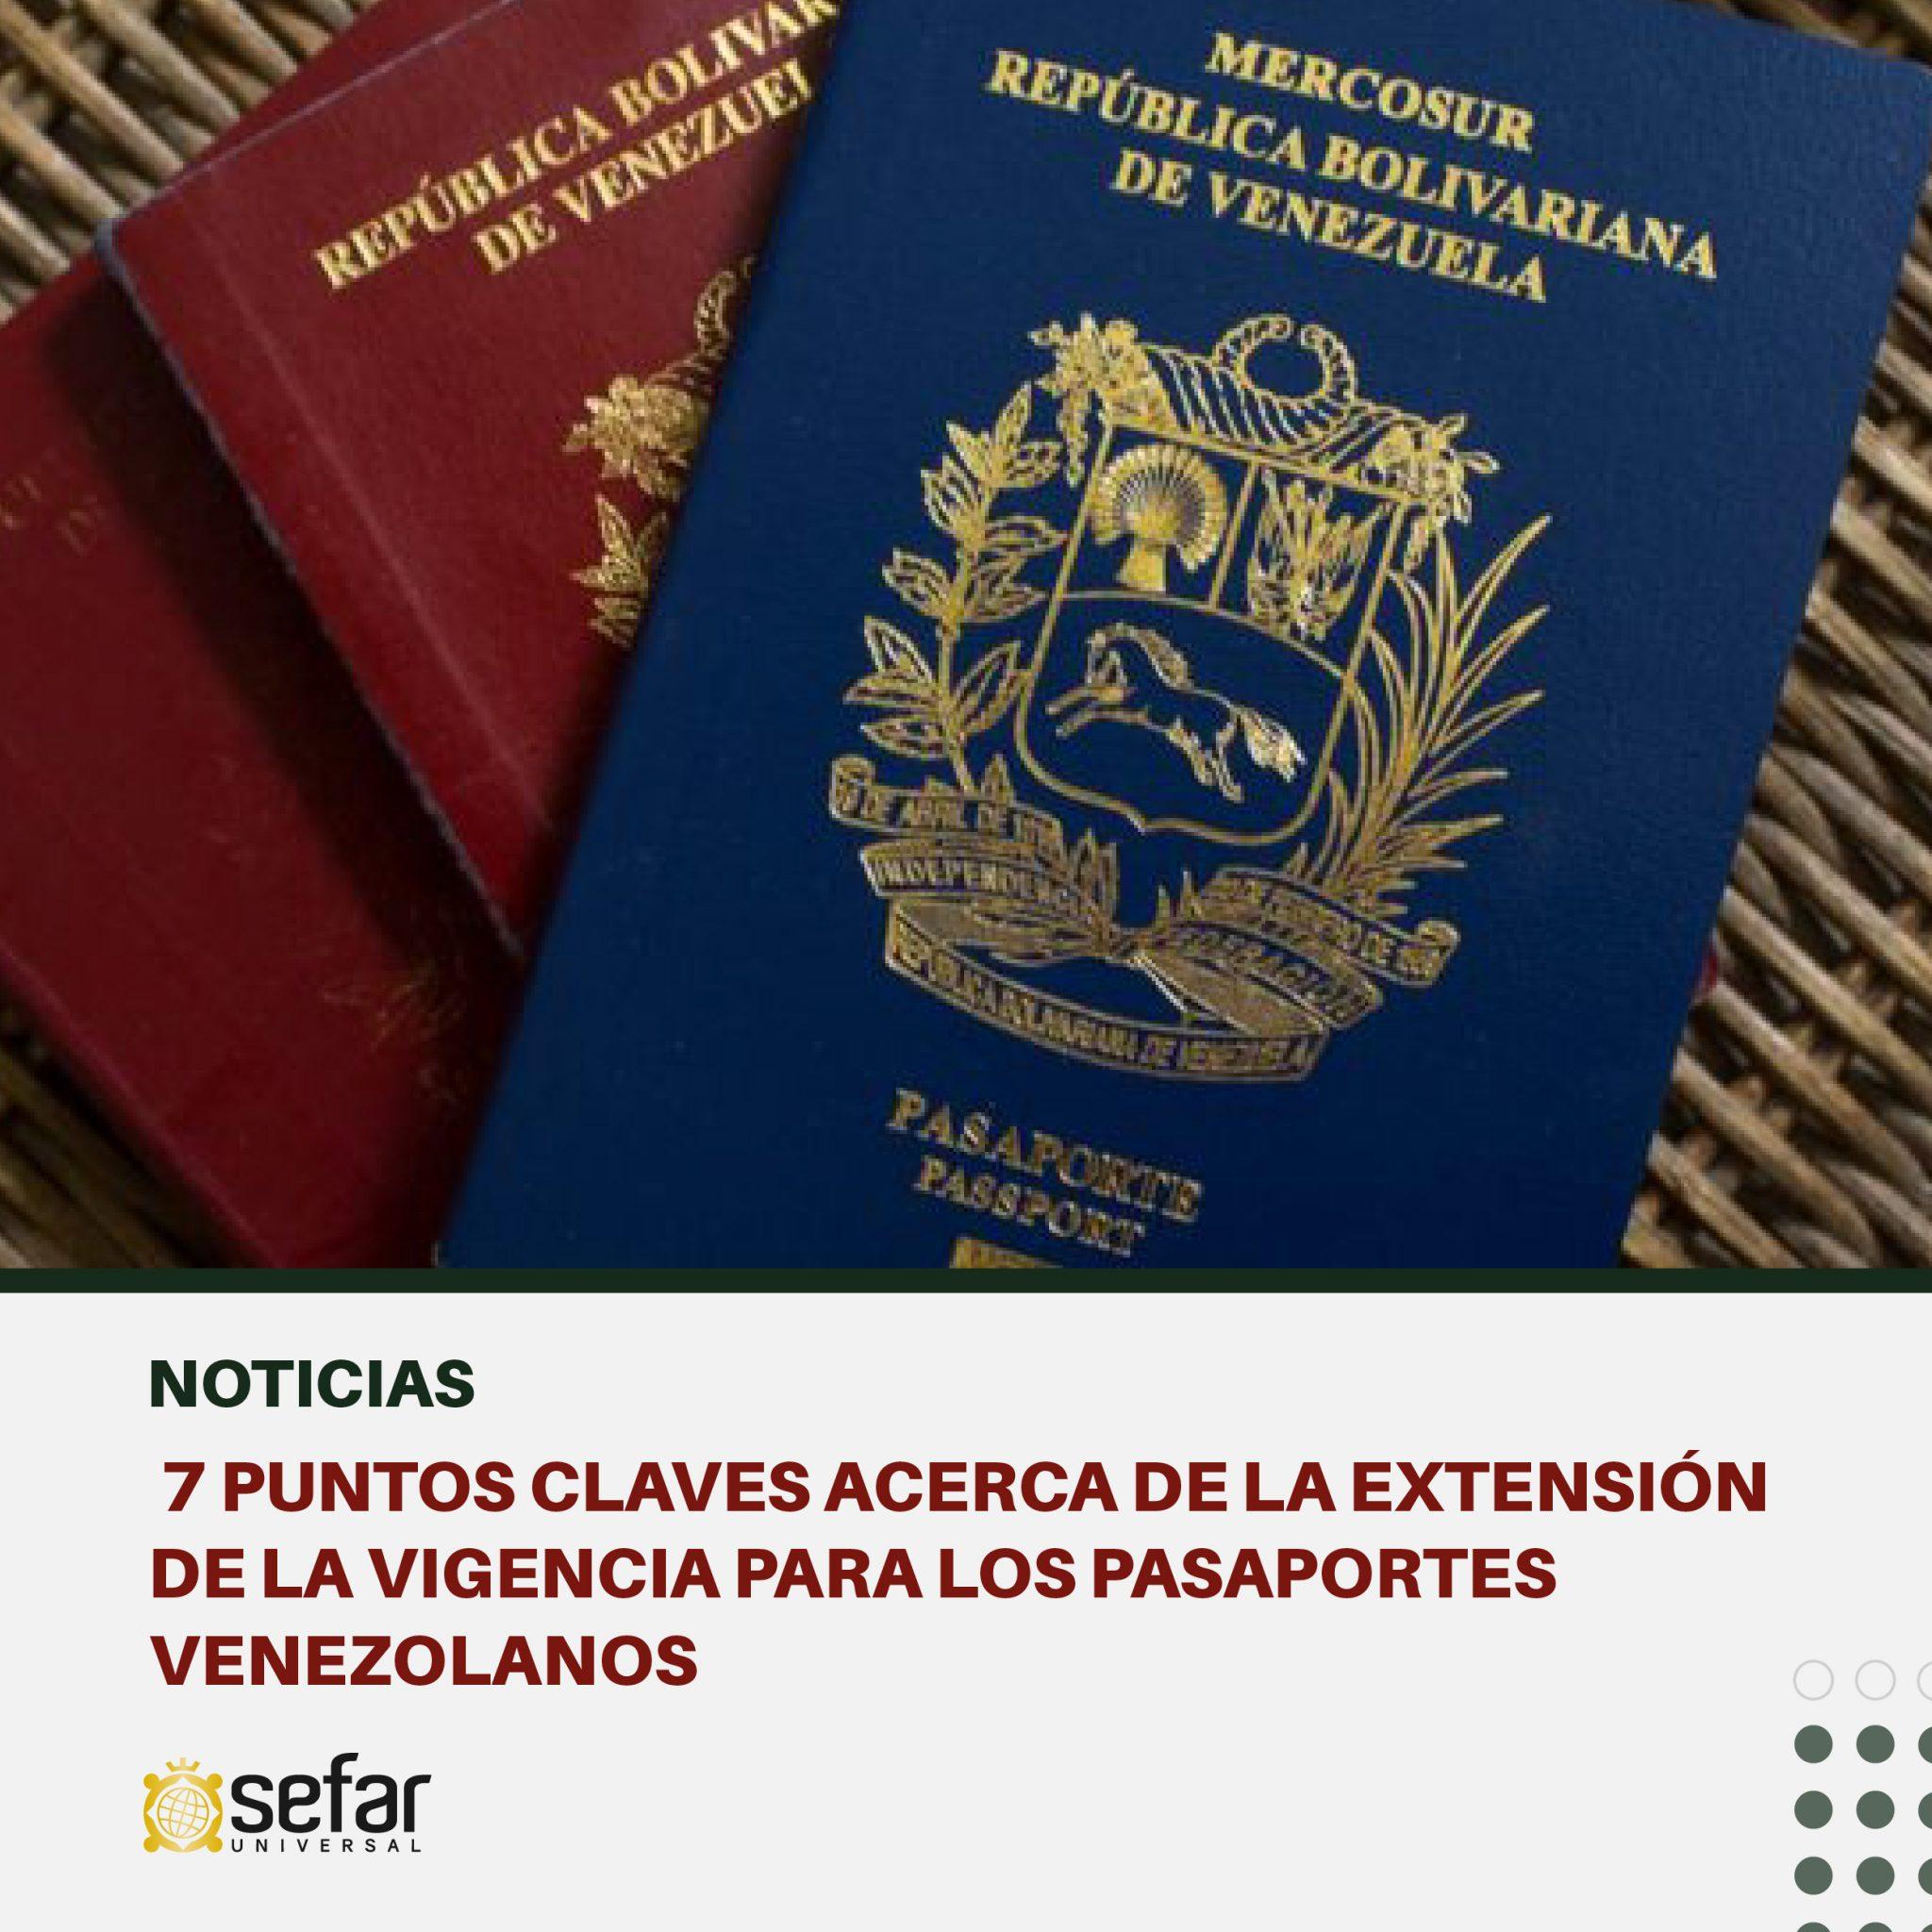 7 puntos clave acerca de la extensión de la vigencia para los pasaportes venezolanos